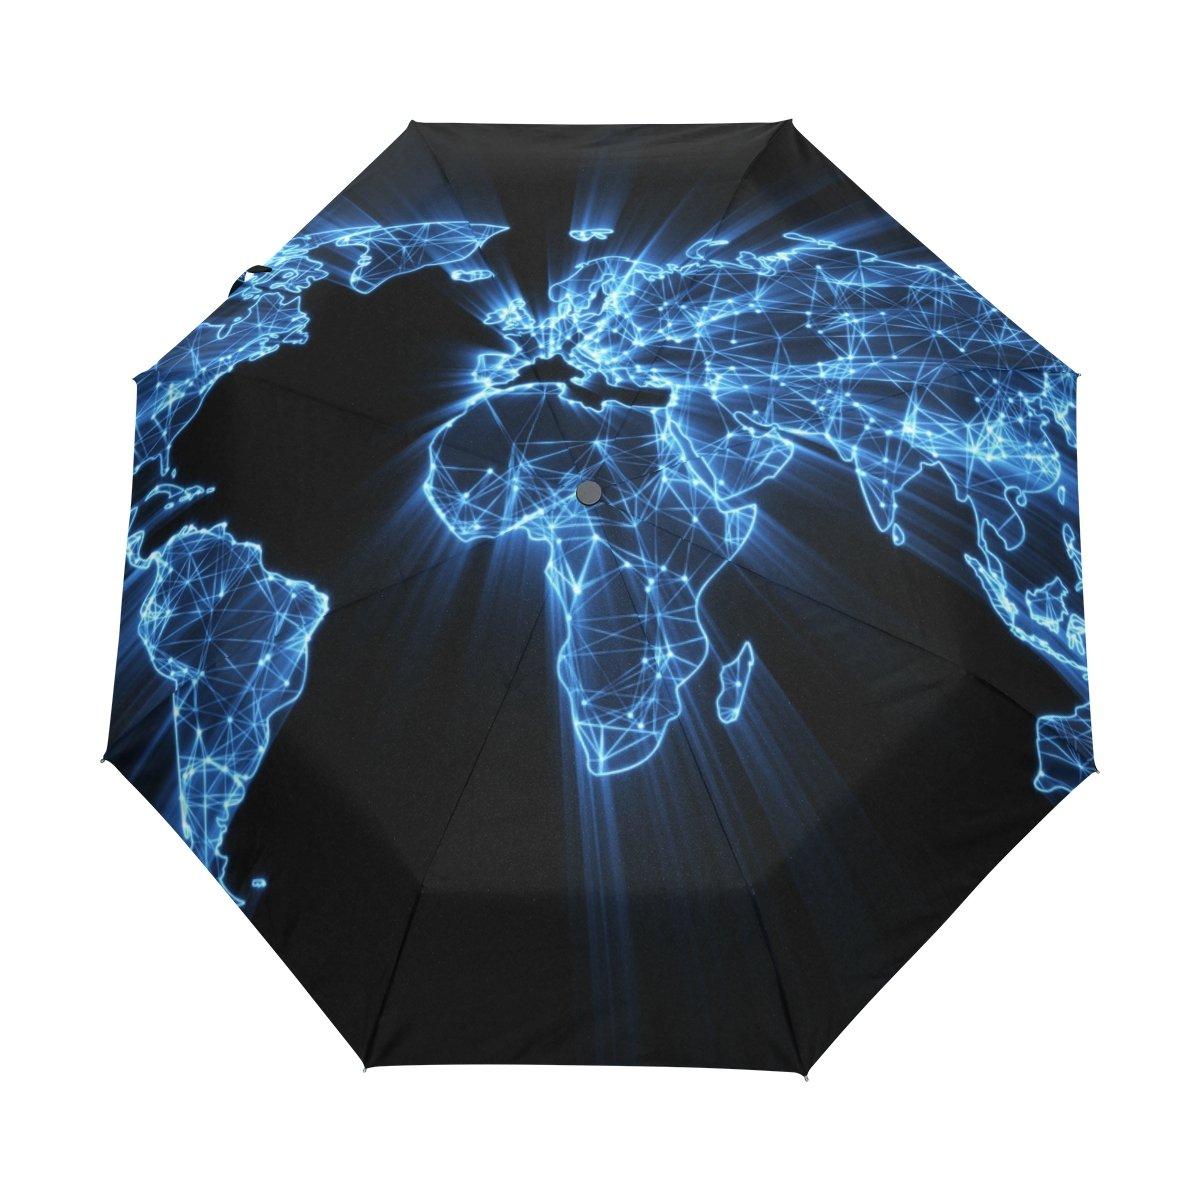 formrs自動傘、ワールドマップGlowingブルー傘コンパクト軽量防水、防風Sun雨の旅行   B07FTGL4RQ